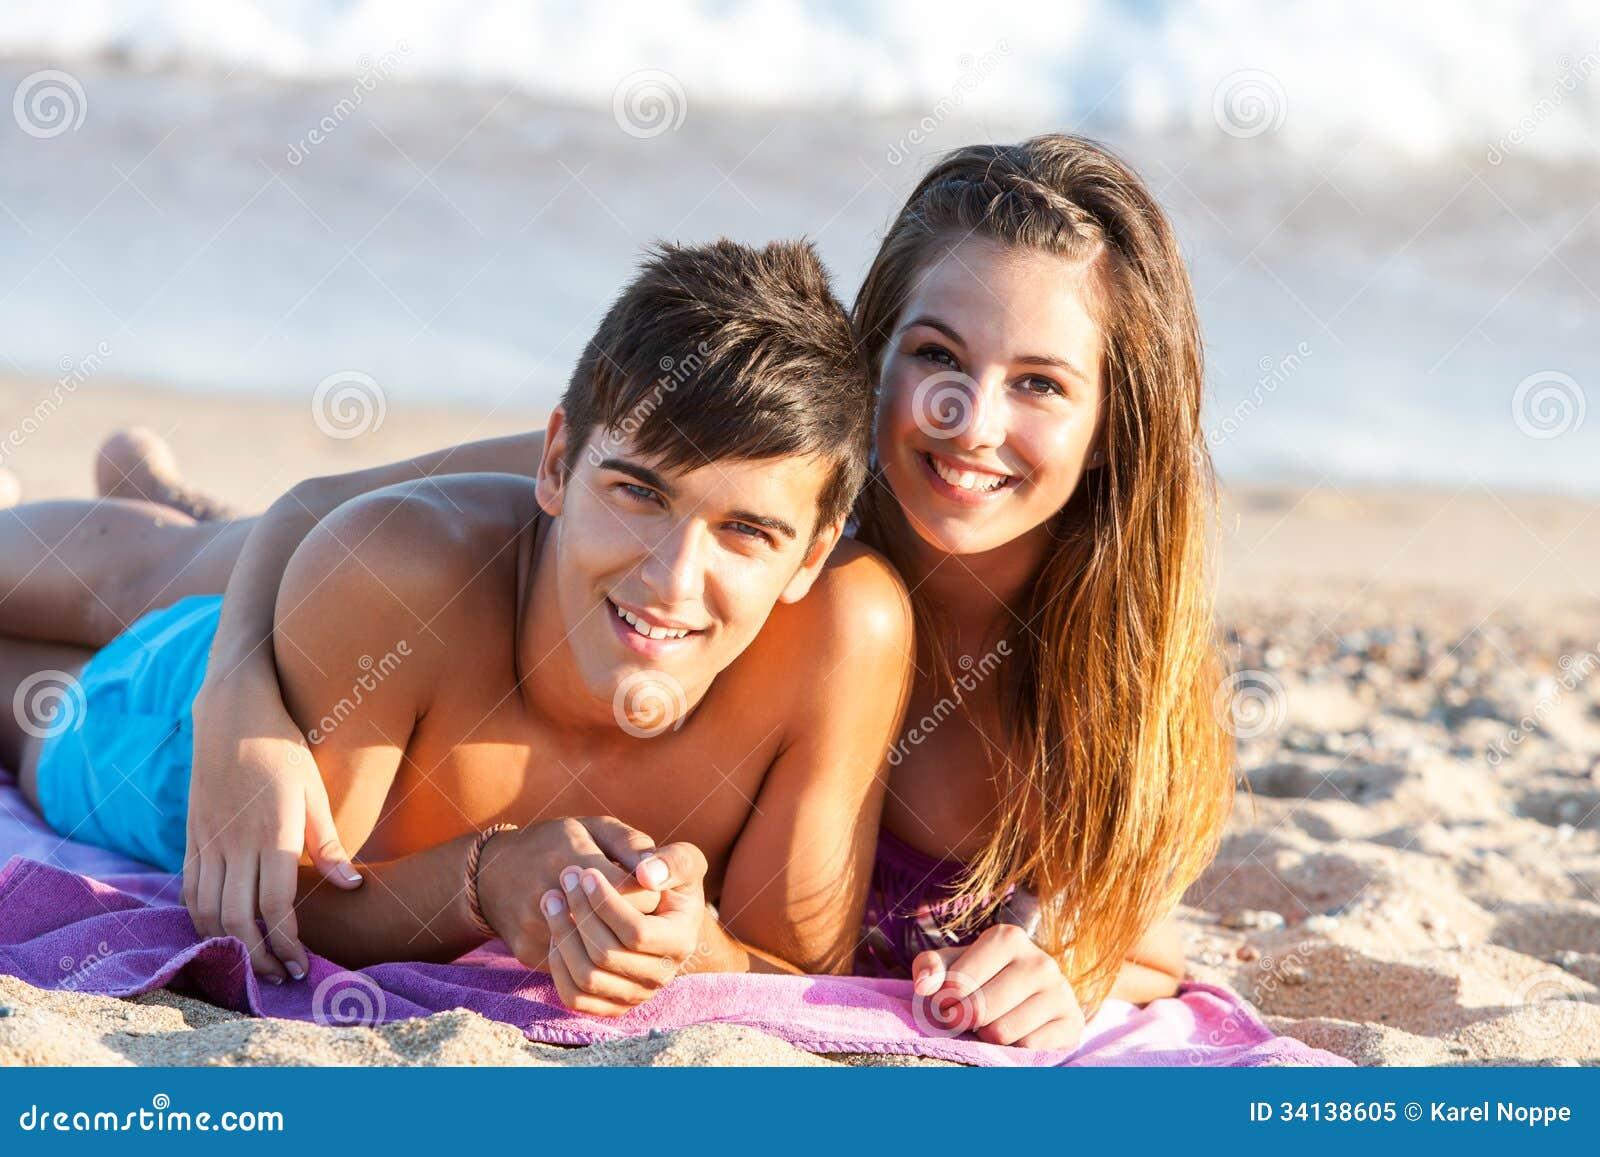 teen couple sex on the beach